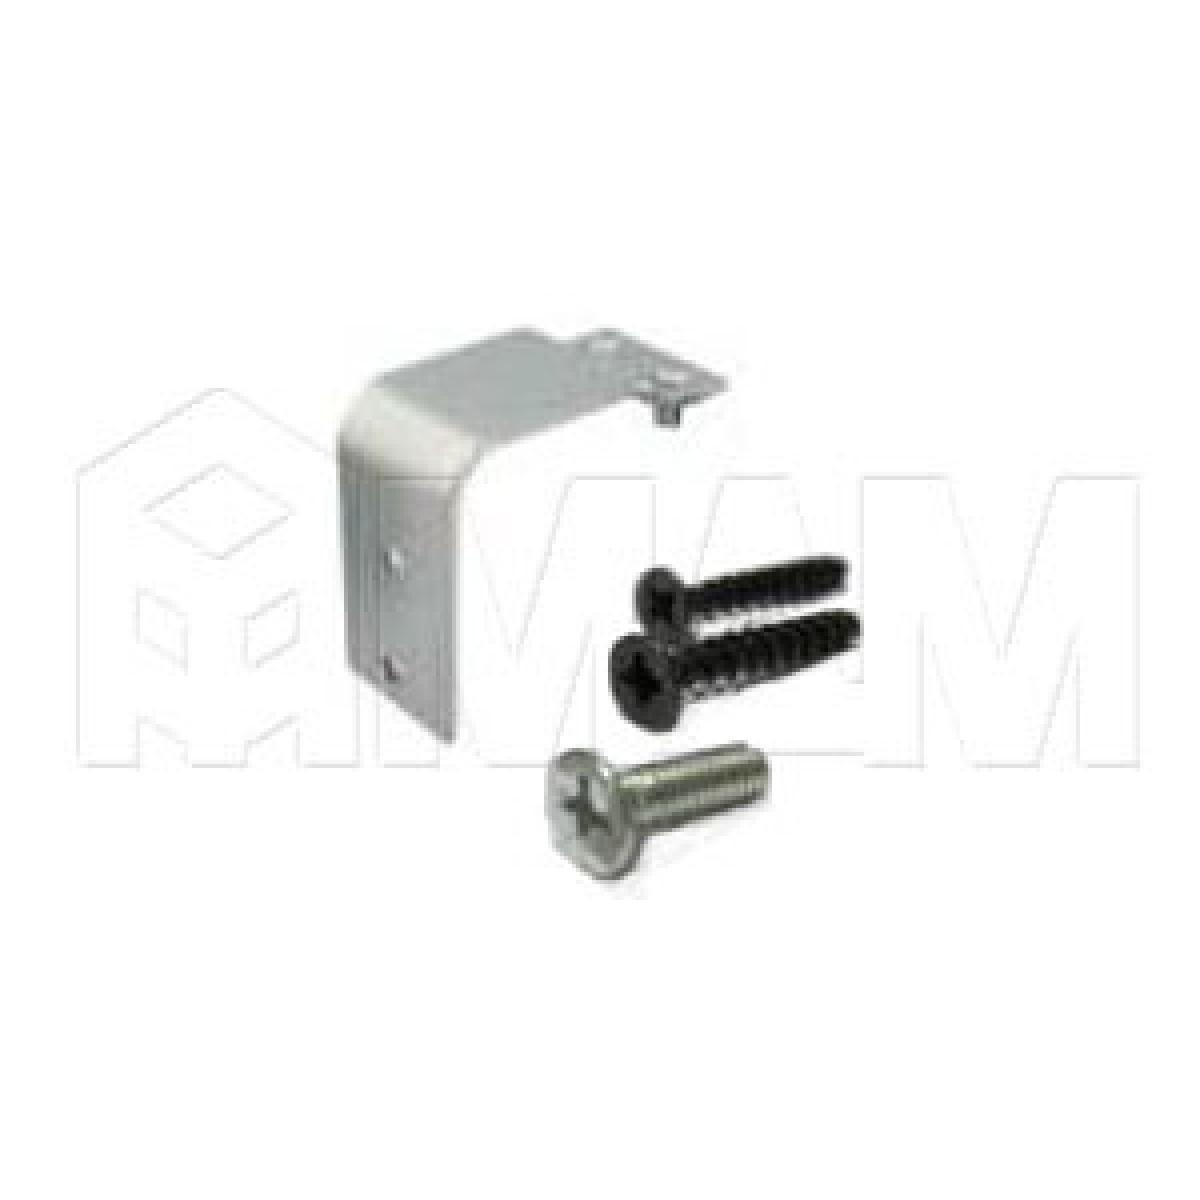 Softspace двухстор. крепление для внешн. двери до 18 мм + компл. винтов и саморезов